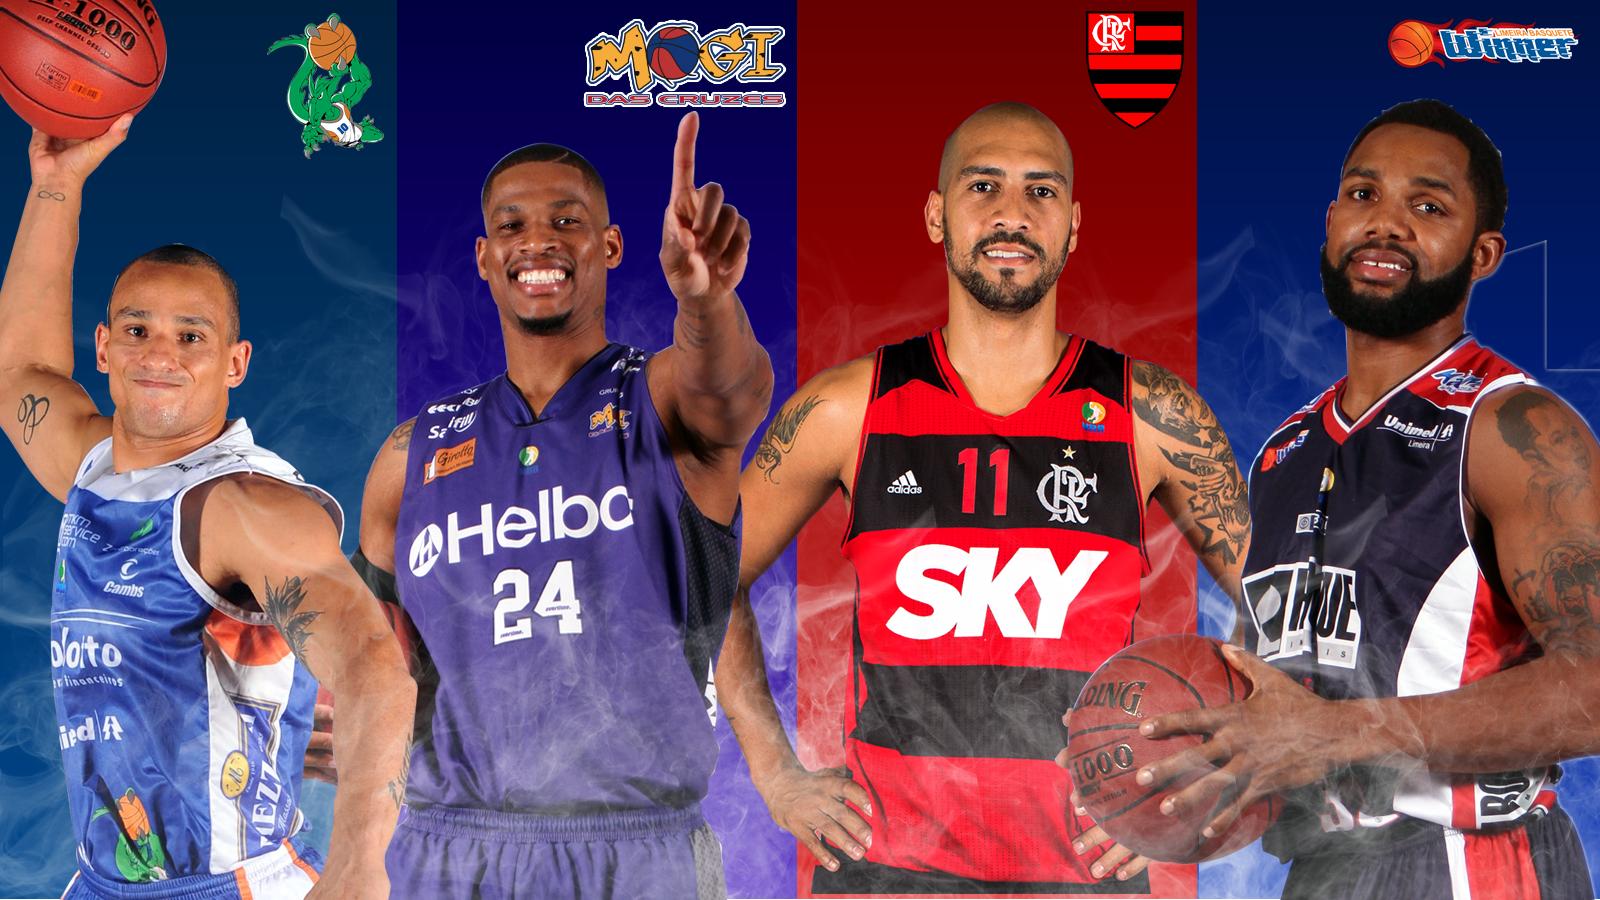 Bauru, Mogi, Flamengo e Limeira formaram o G-4 da fase de classificação e disputa pela vaga na Final promete pegar fogo (Arte/LNB)